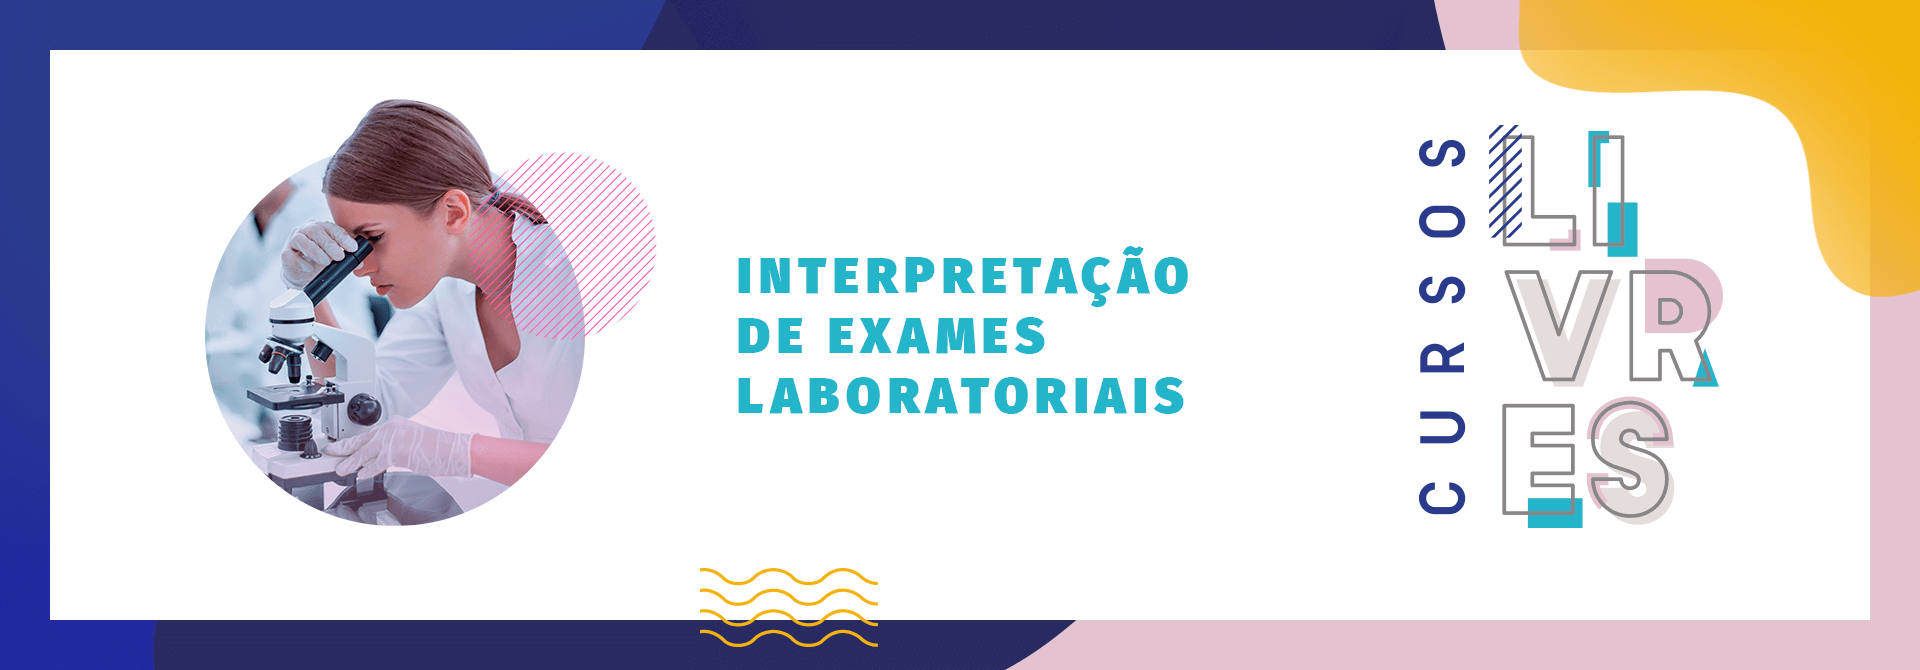 Inscreva-se no Curso Livre de Interpretação de Exames Laboratoriais